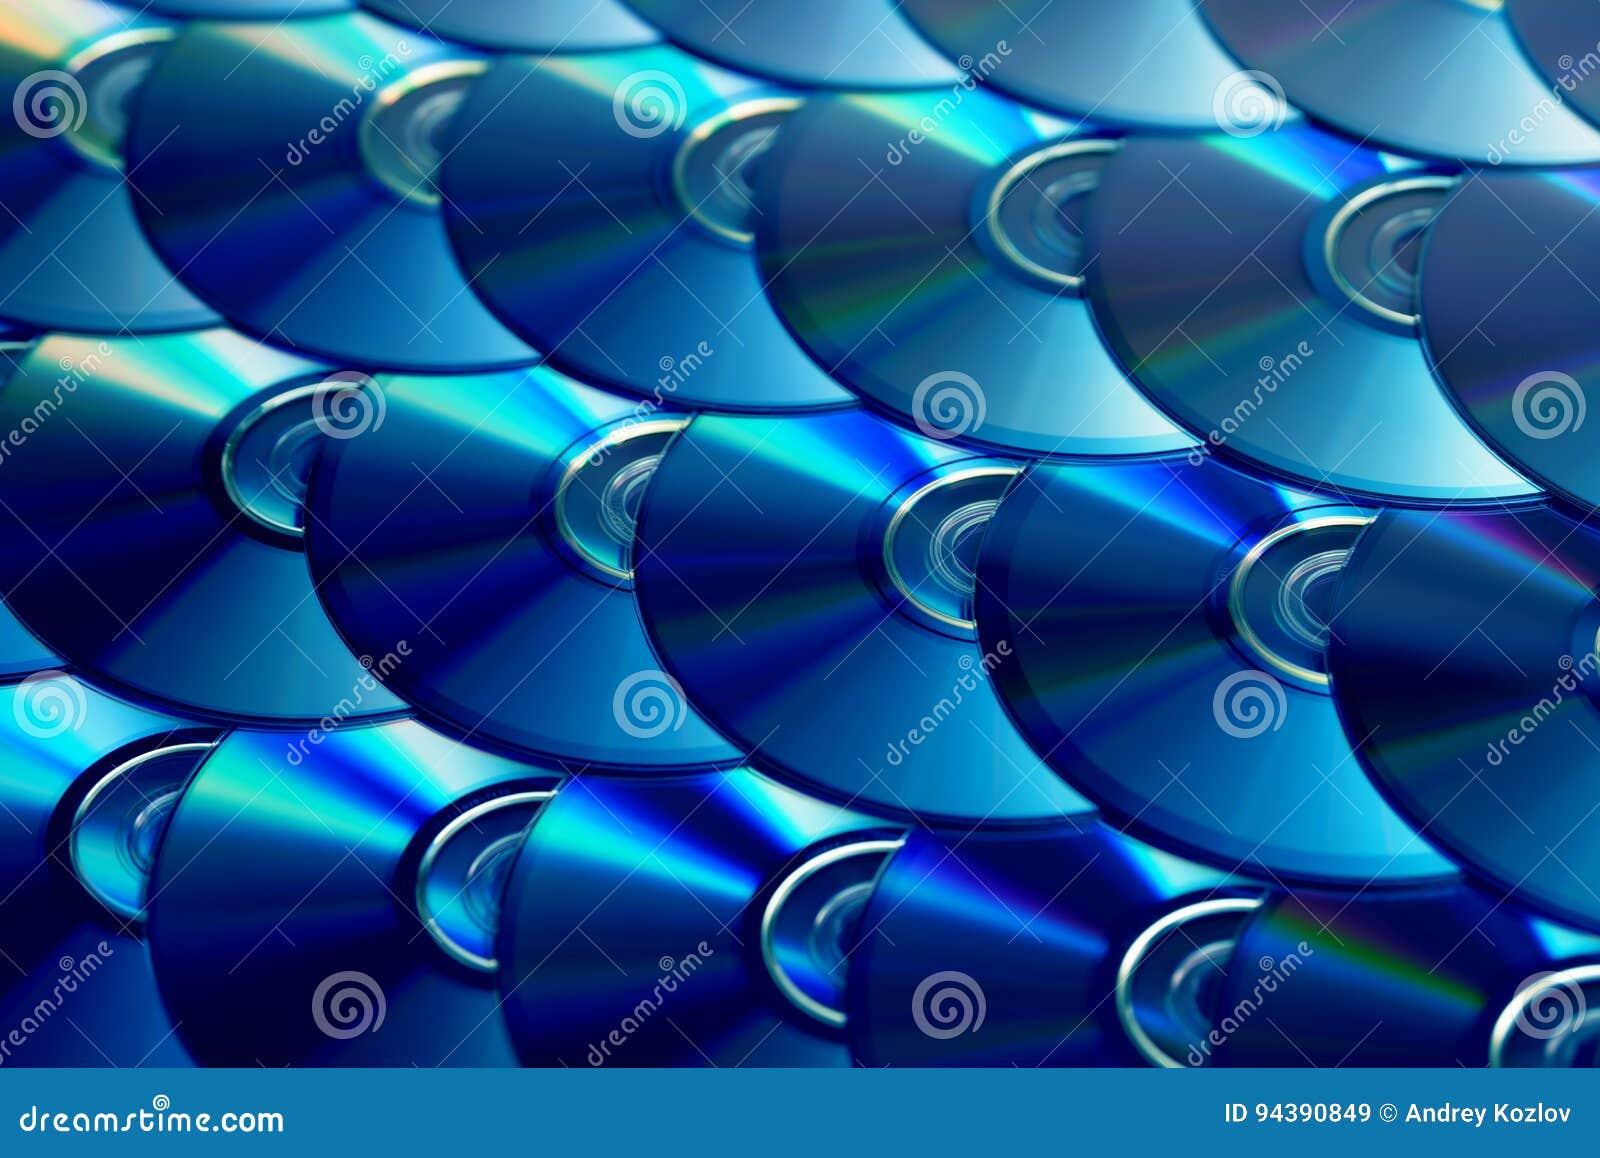 Fondo dei compact disc Parecchi Blu ray disc del dvd del CD Archiviazione di dati digitale registrabile o rewritable ottica